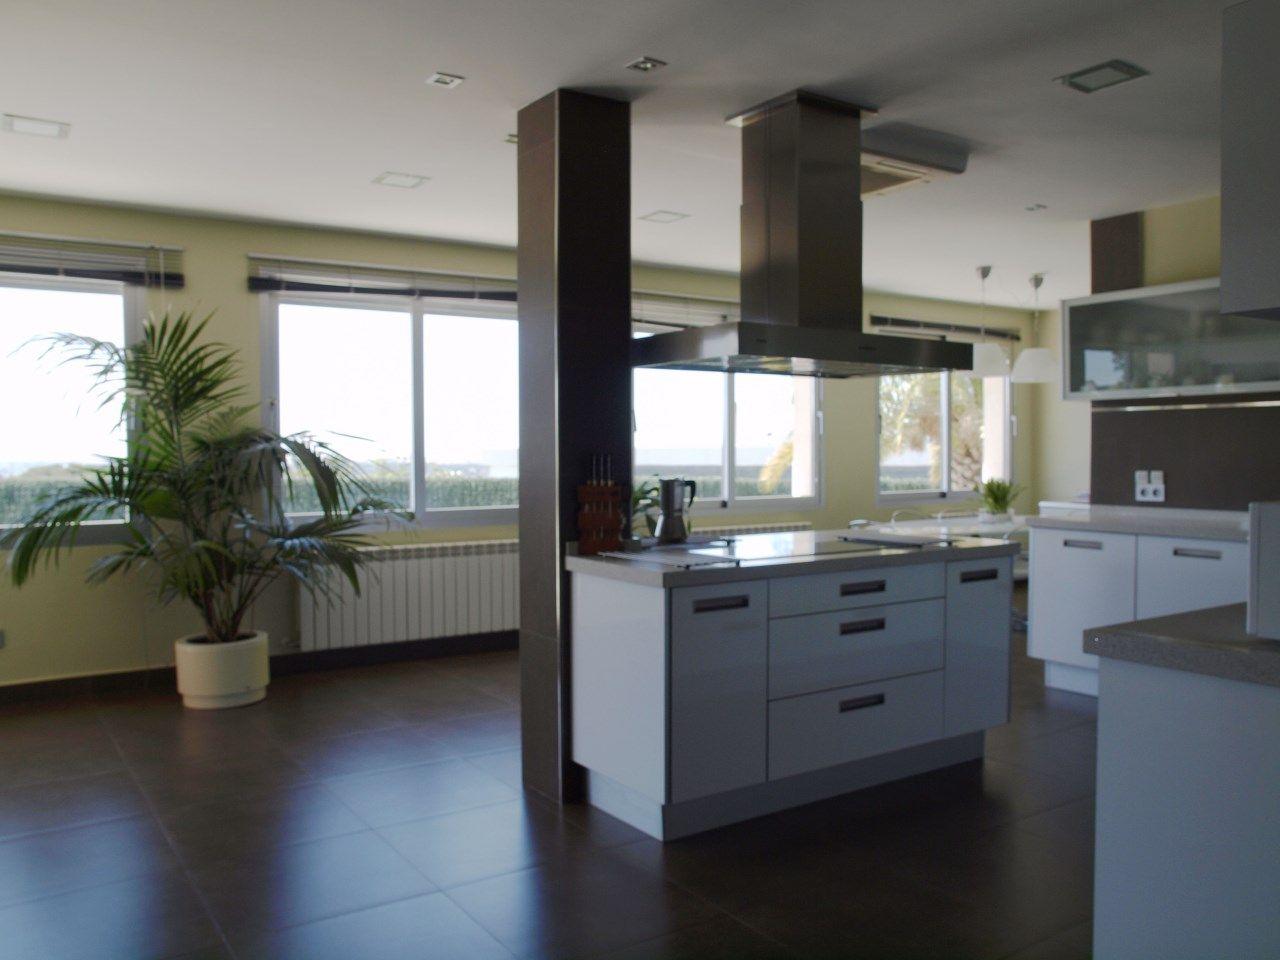 Cocina de diseño, acabados perfectos. Moderna, colores neutors y ...